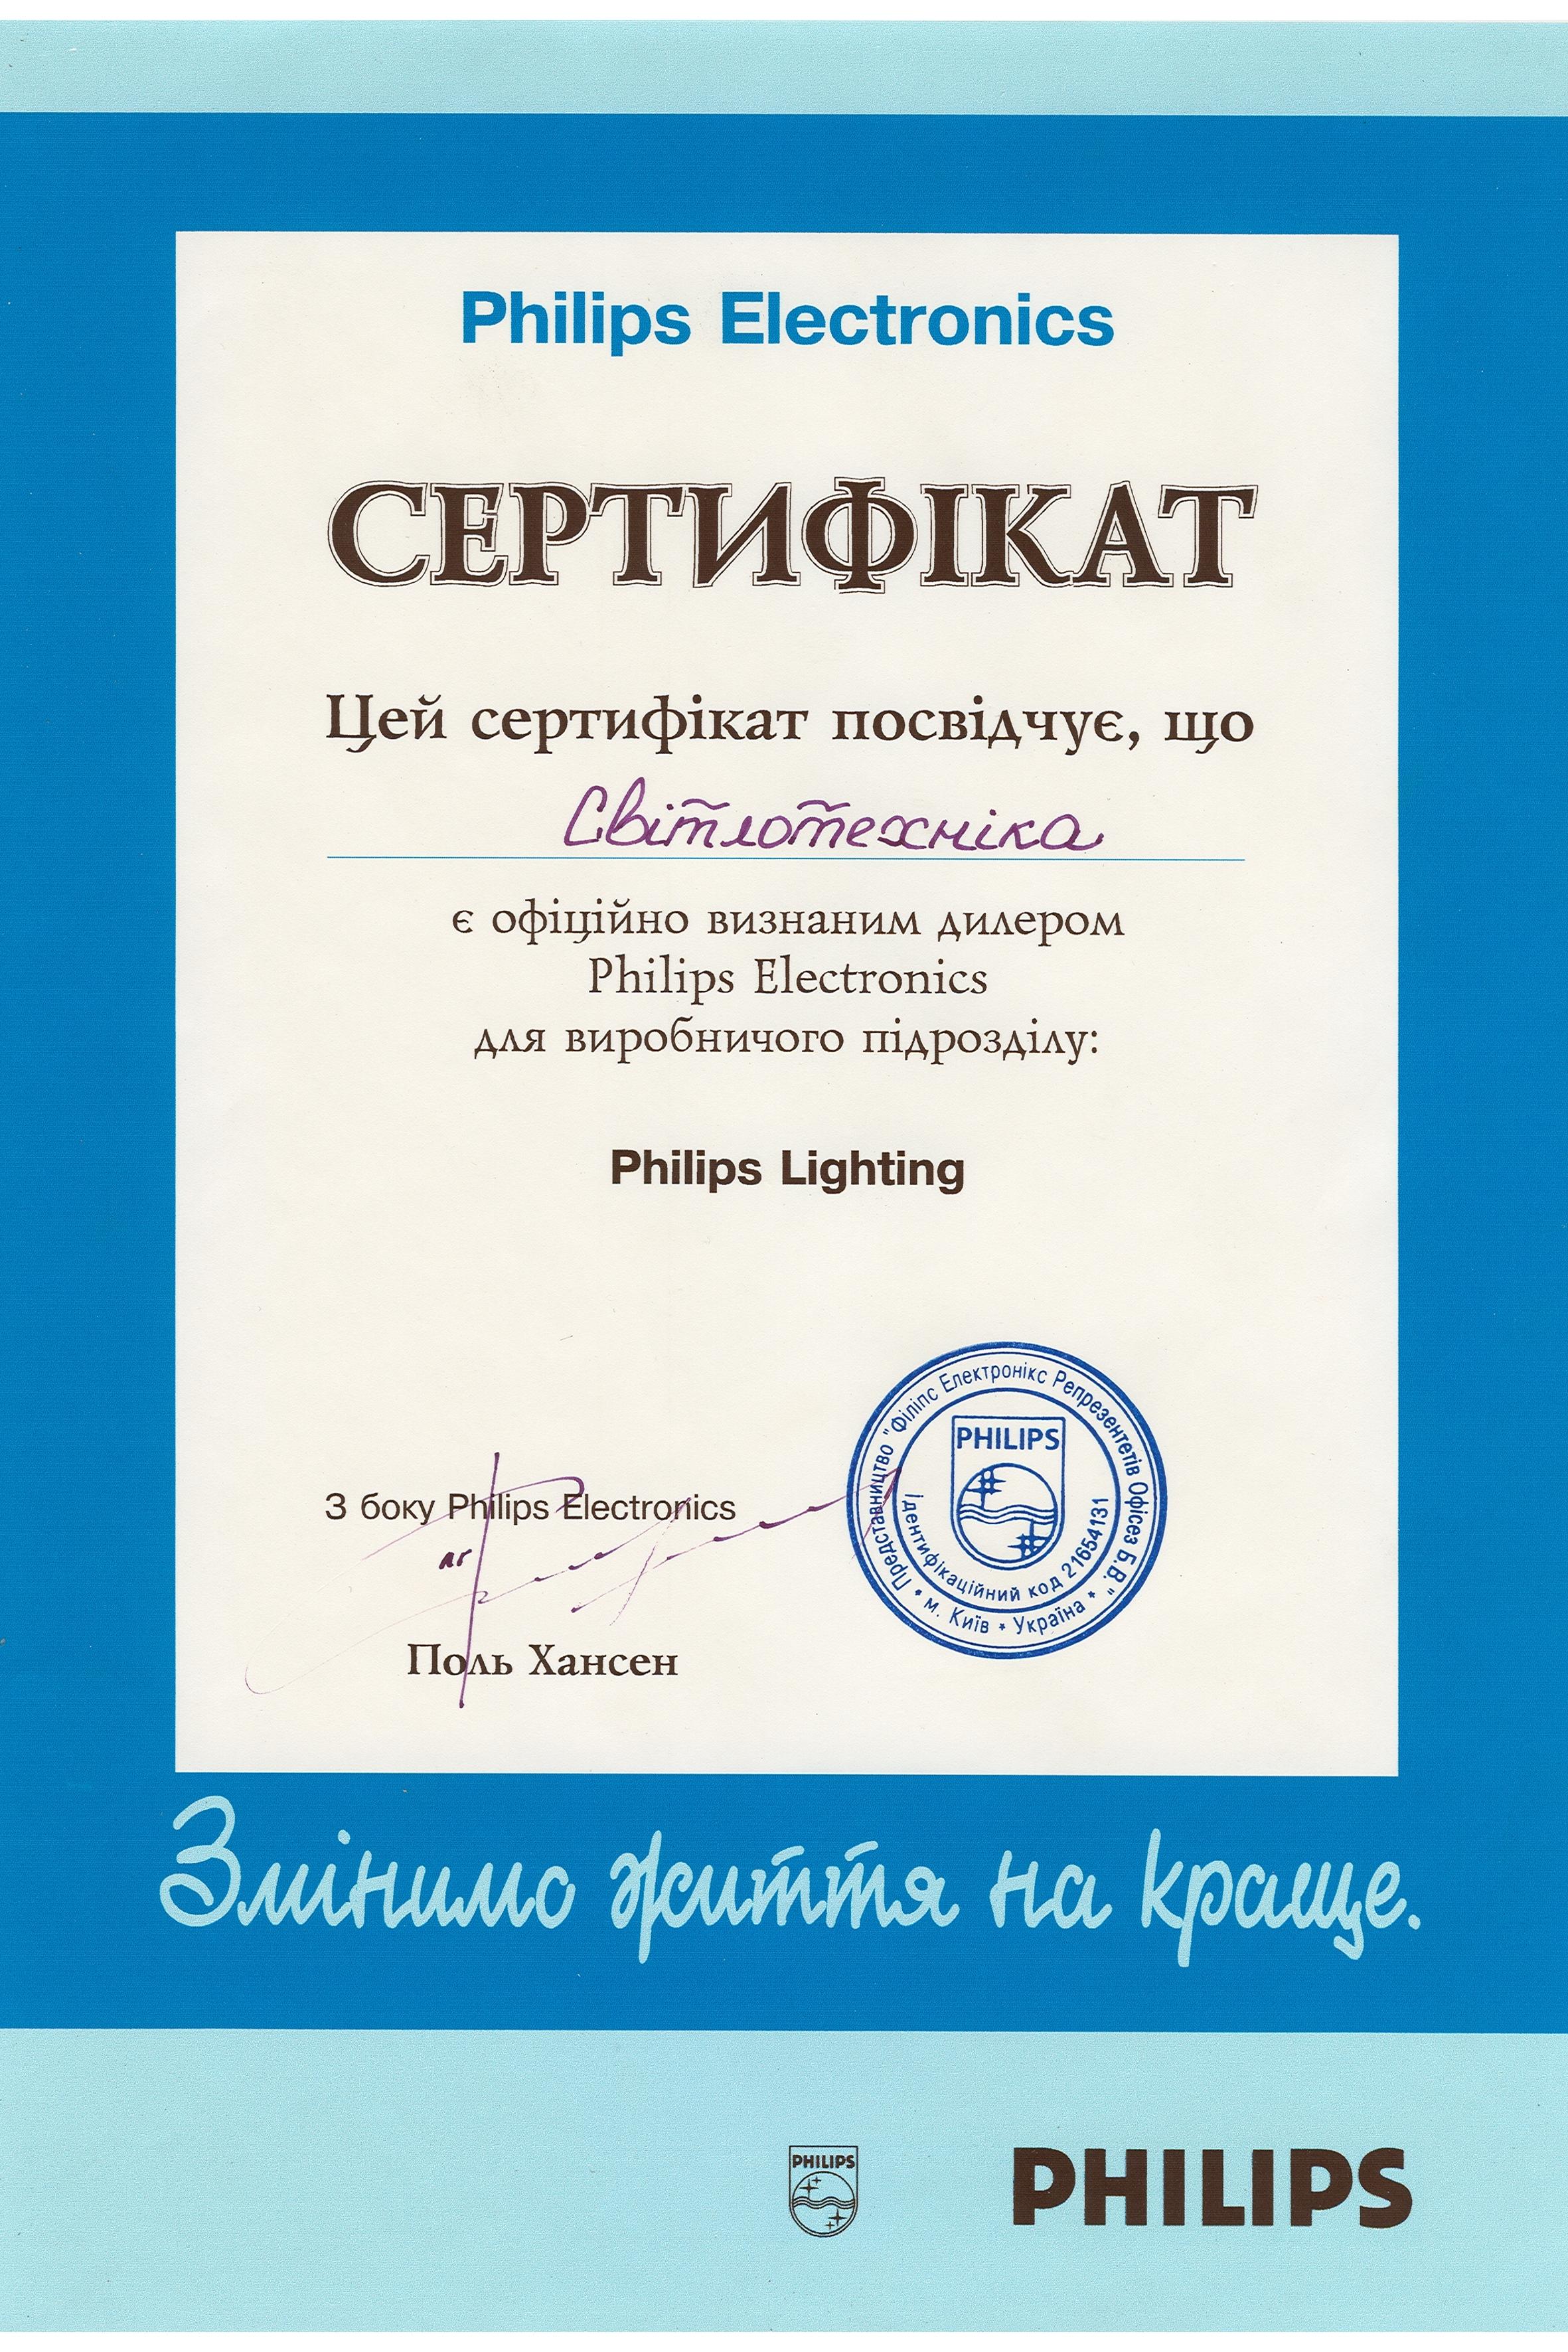 Сертифікат Philips Electronics - Цей сертифікат підтверджує, що компанія Світлотехніка є визнаним дилером PHILIPS ELECTRONICS для виробничого підрозділуСертифікат Philips Electronics - Цей сертифікат підтверджує, що компанія Світлотехніка є визнаним дилером PHILIPS ELECTRONICS для виробничого підрозді